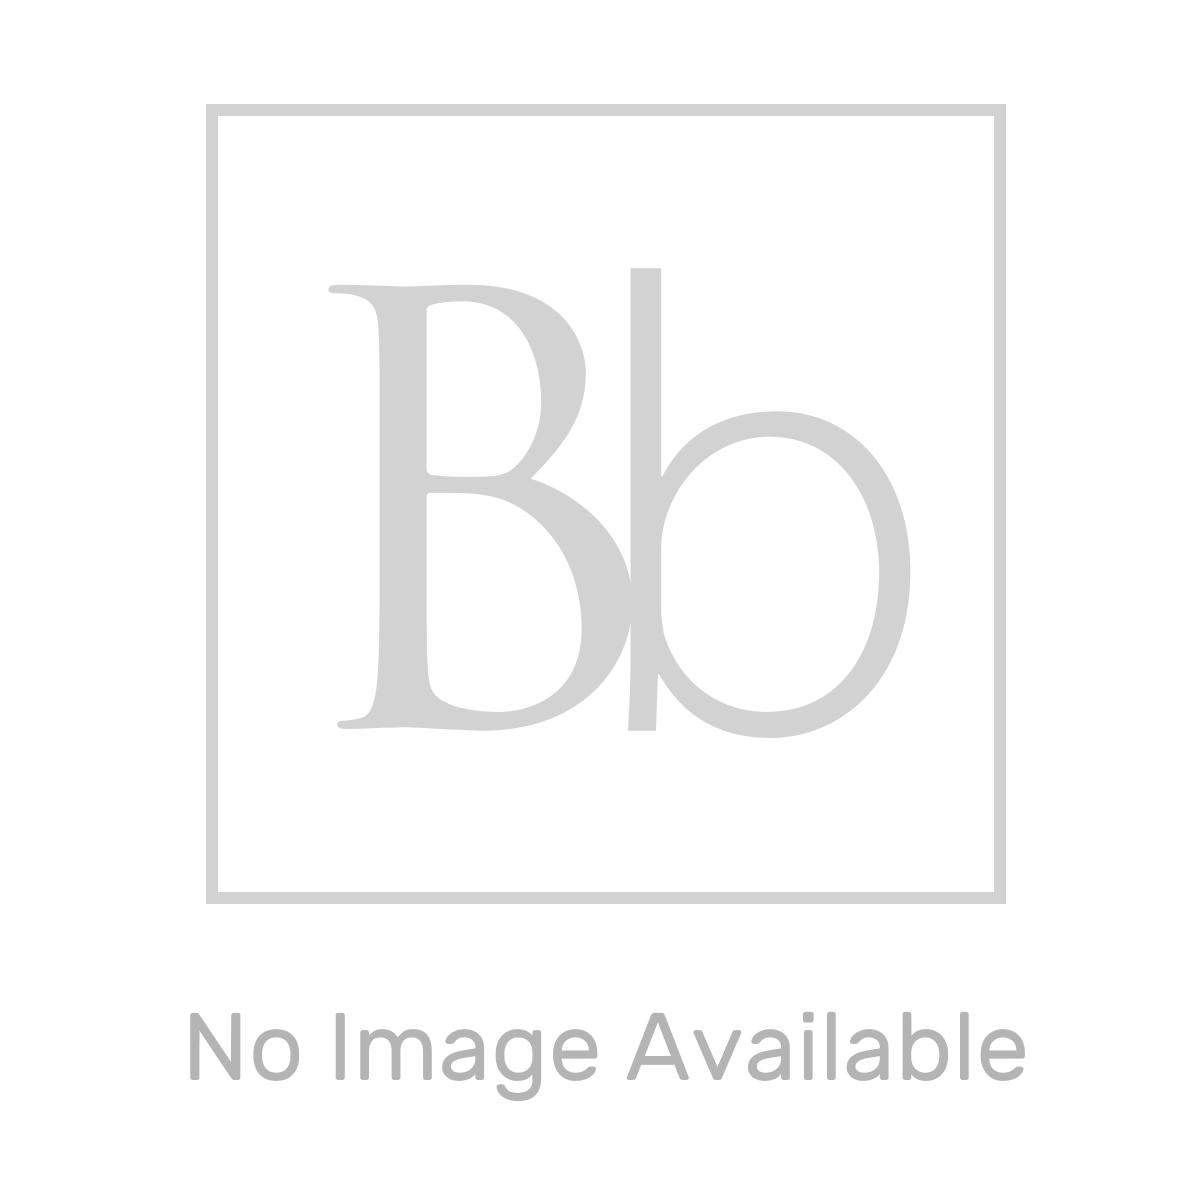 RAK Diana Wash Bowl 420mm 0TH Measurements